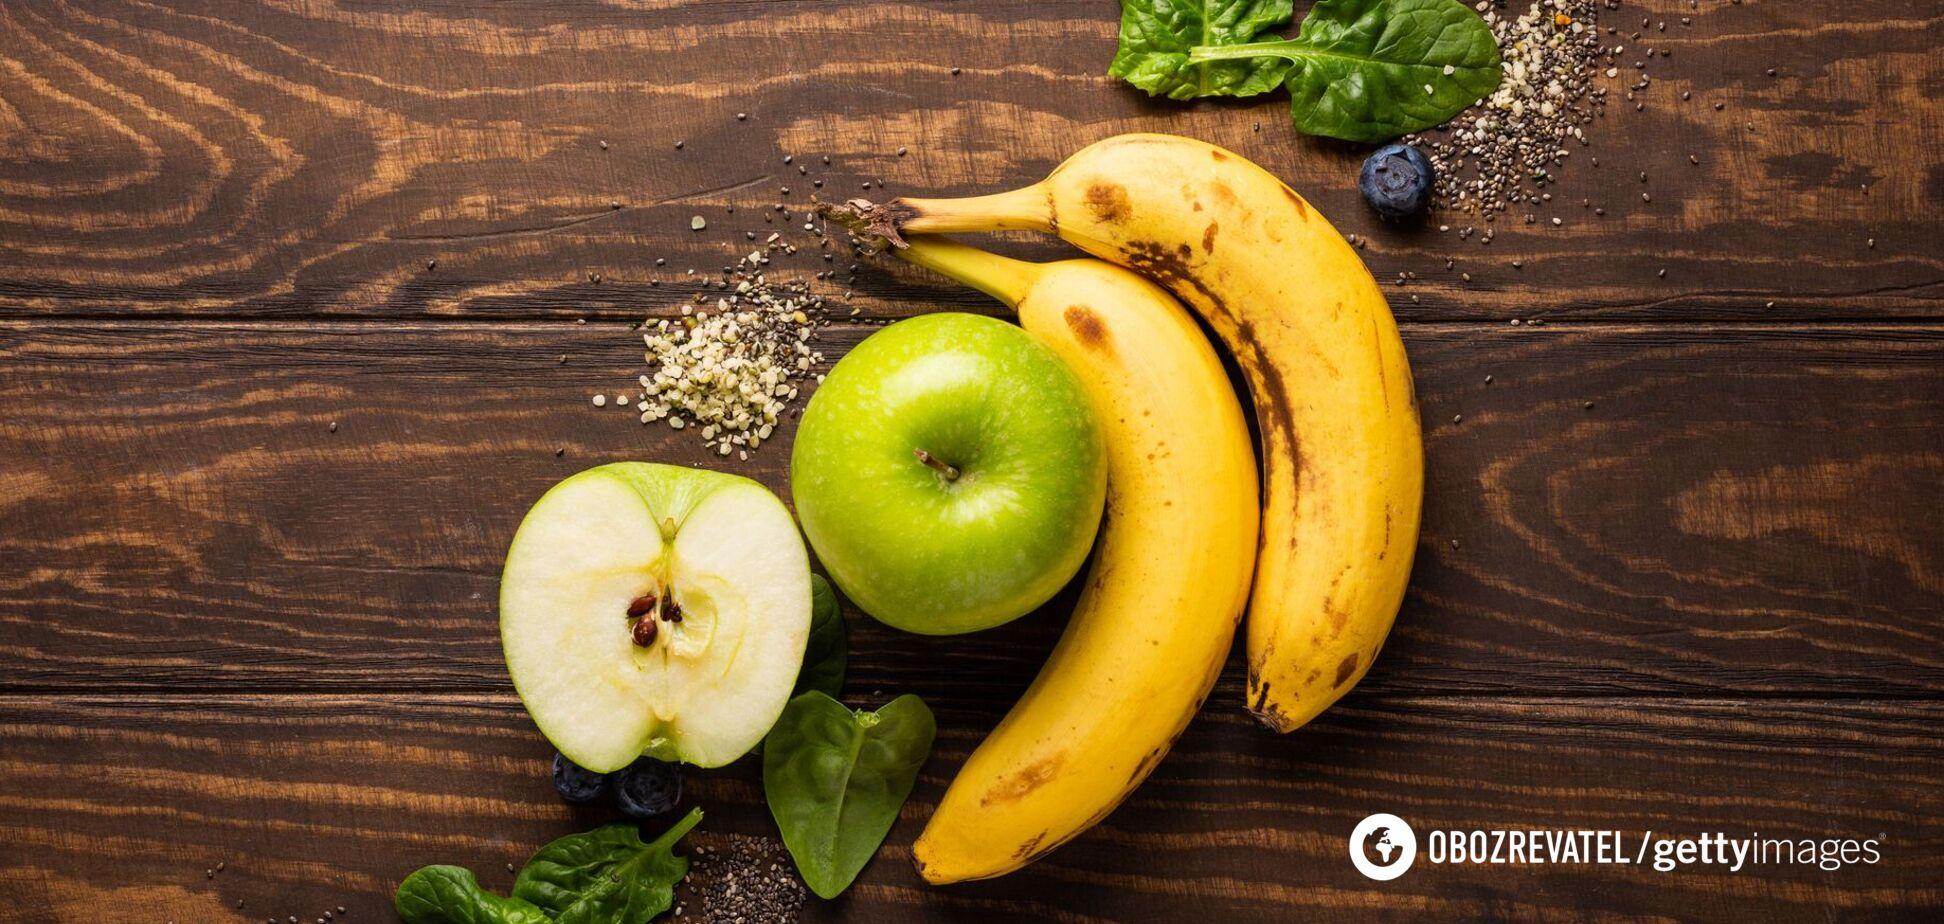 Бананове пюре може використовуватися для підсолоджування страв